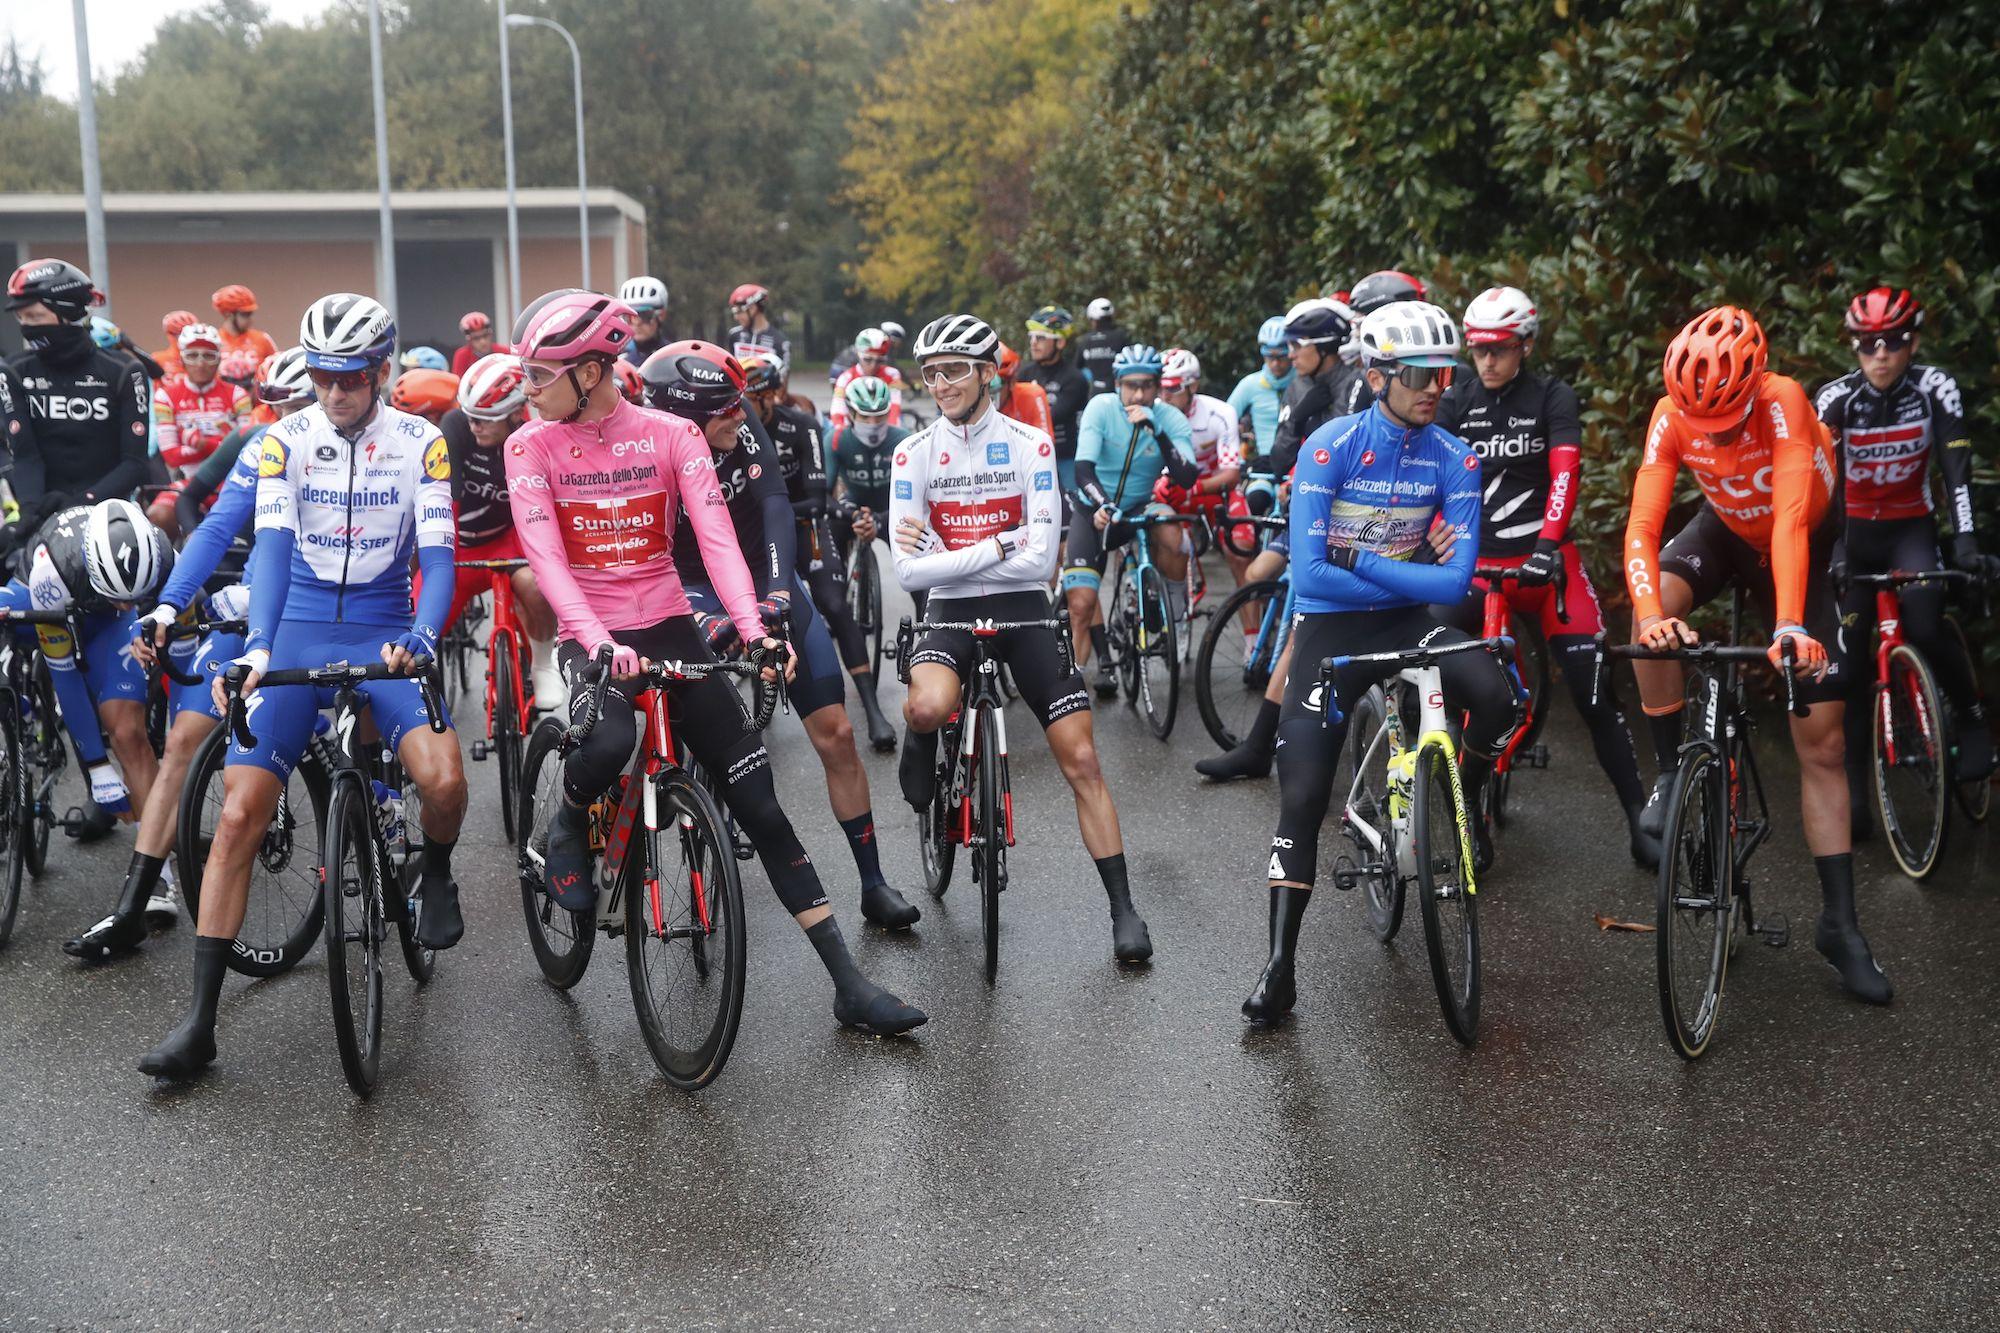 Fünf Diskussionspunkte aus der 19. Etappe des Giro d'Italia 2020